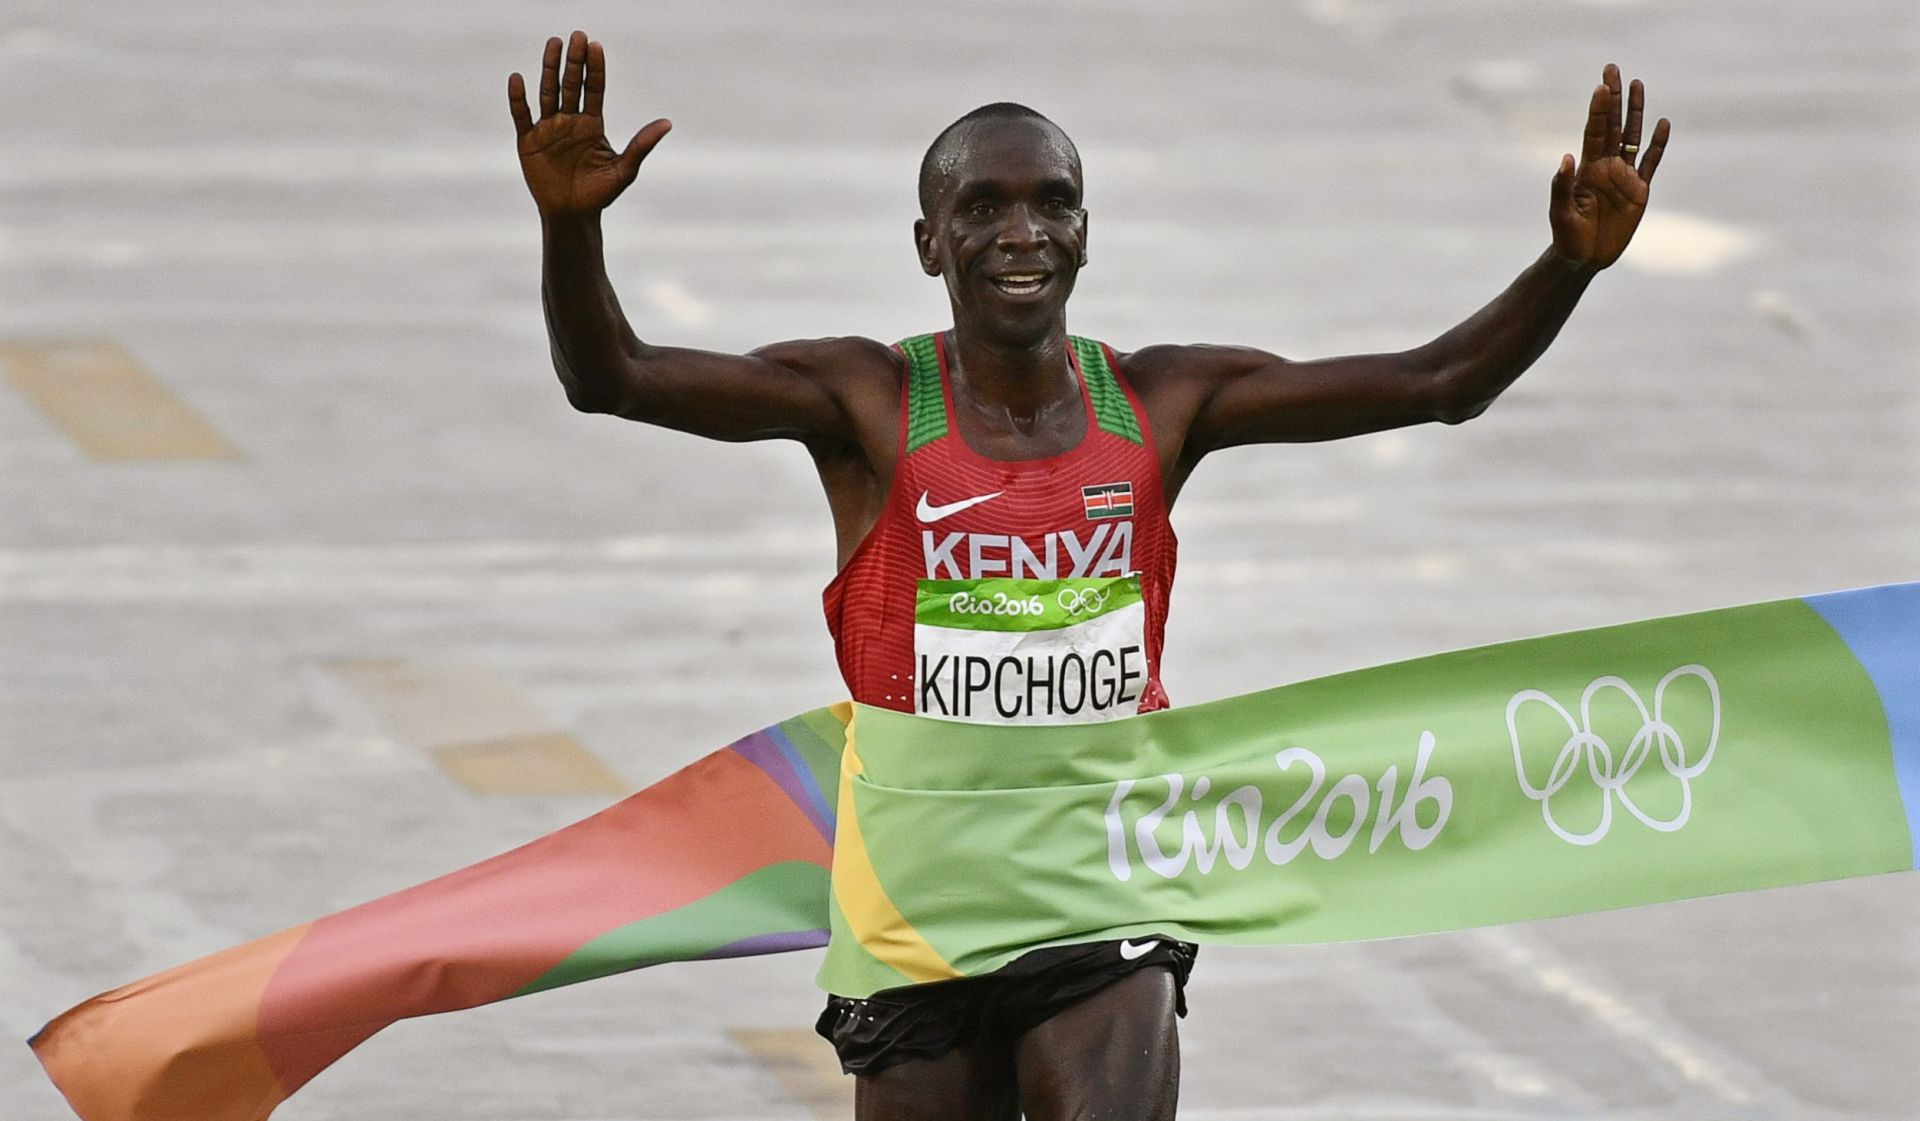 Kipchoge u Monzi istrčao najbrži maraton